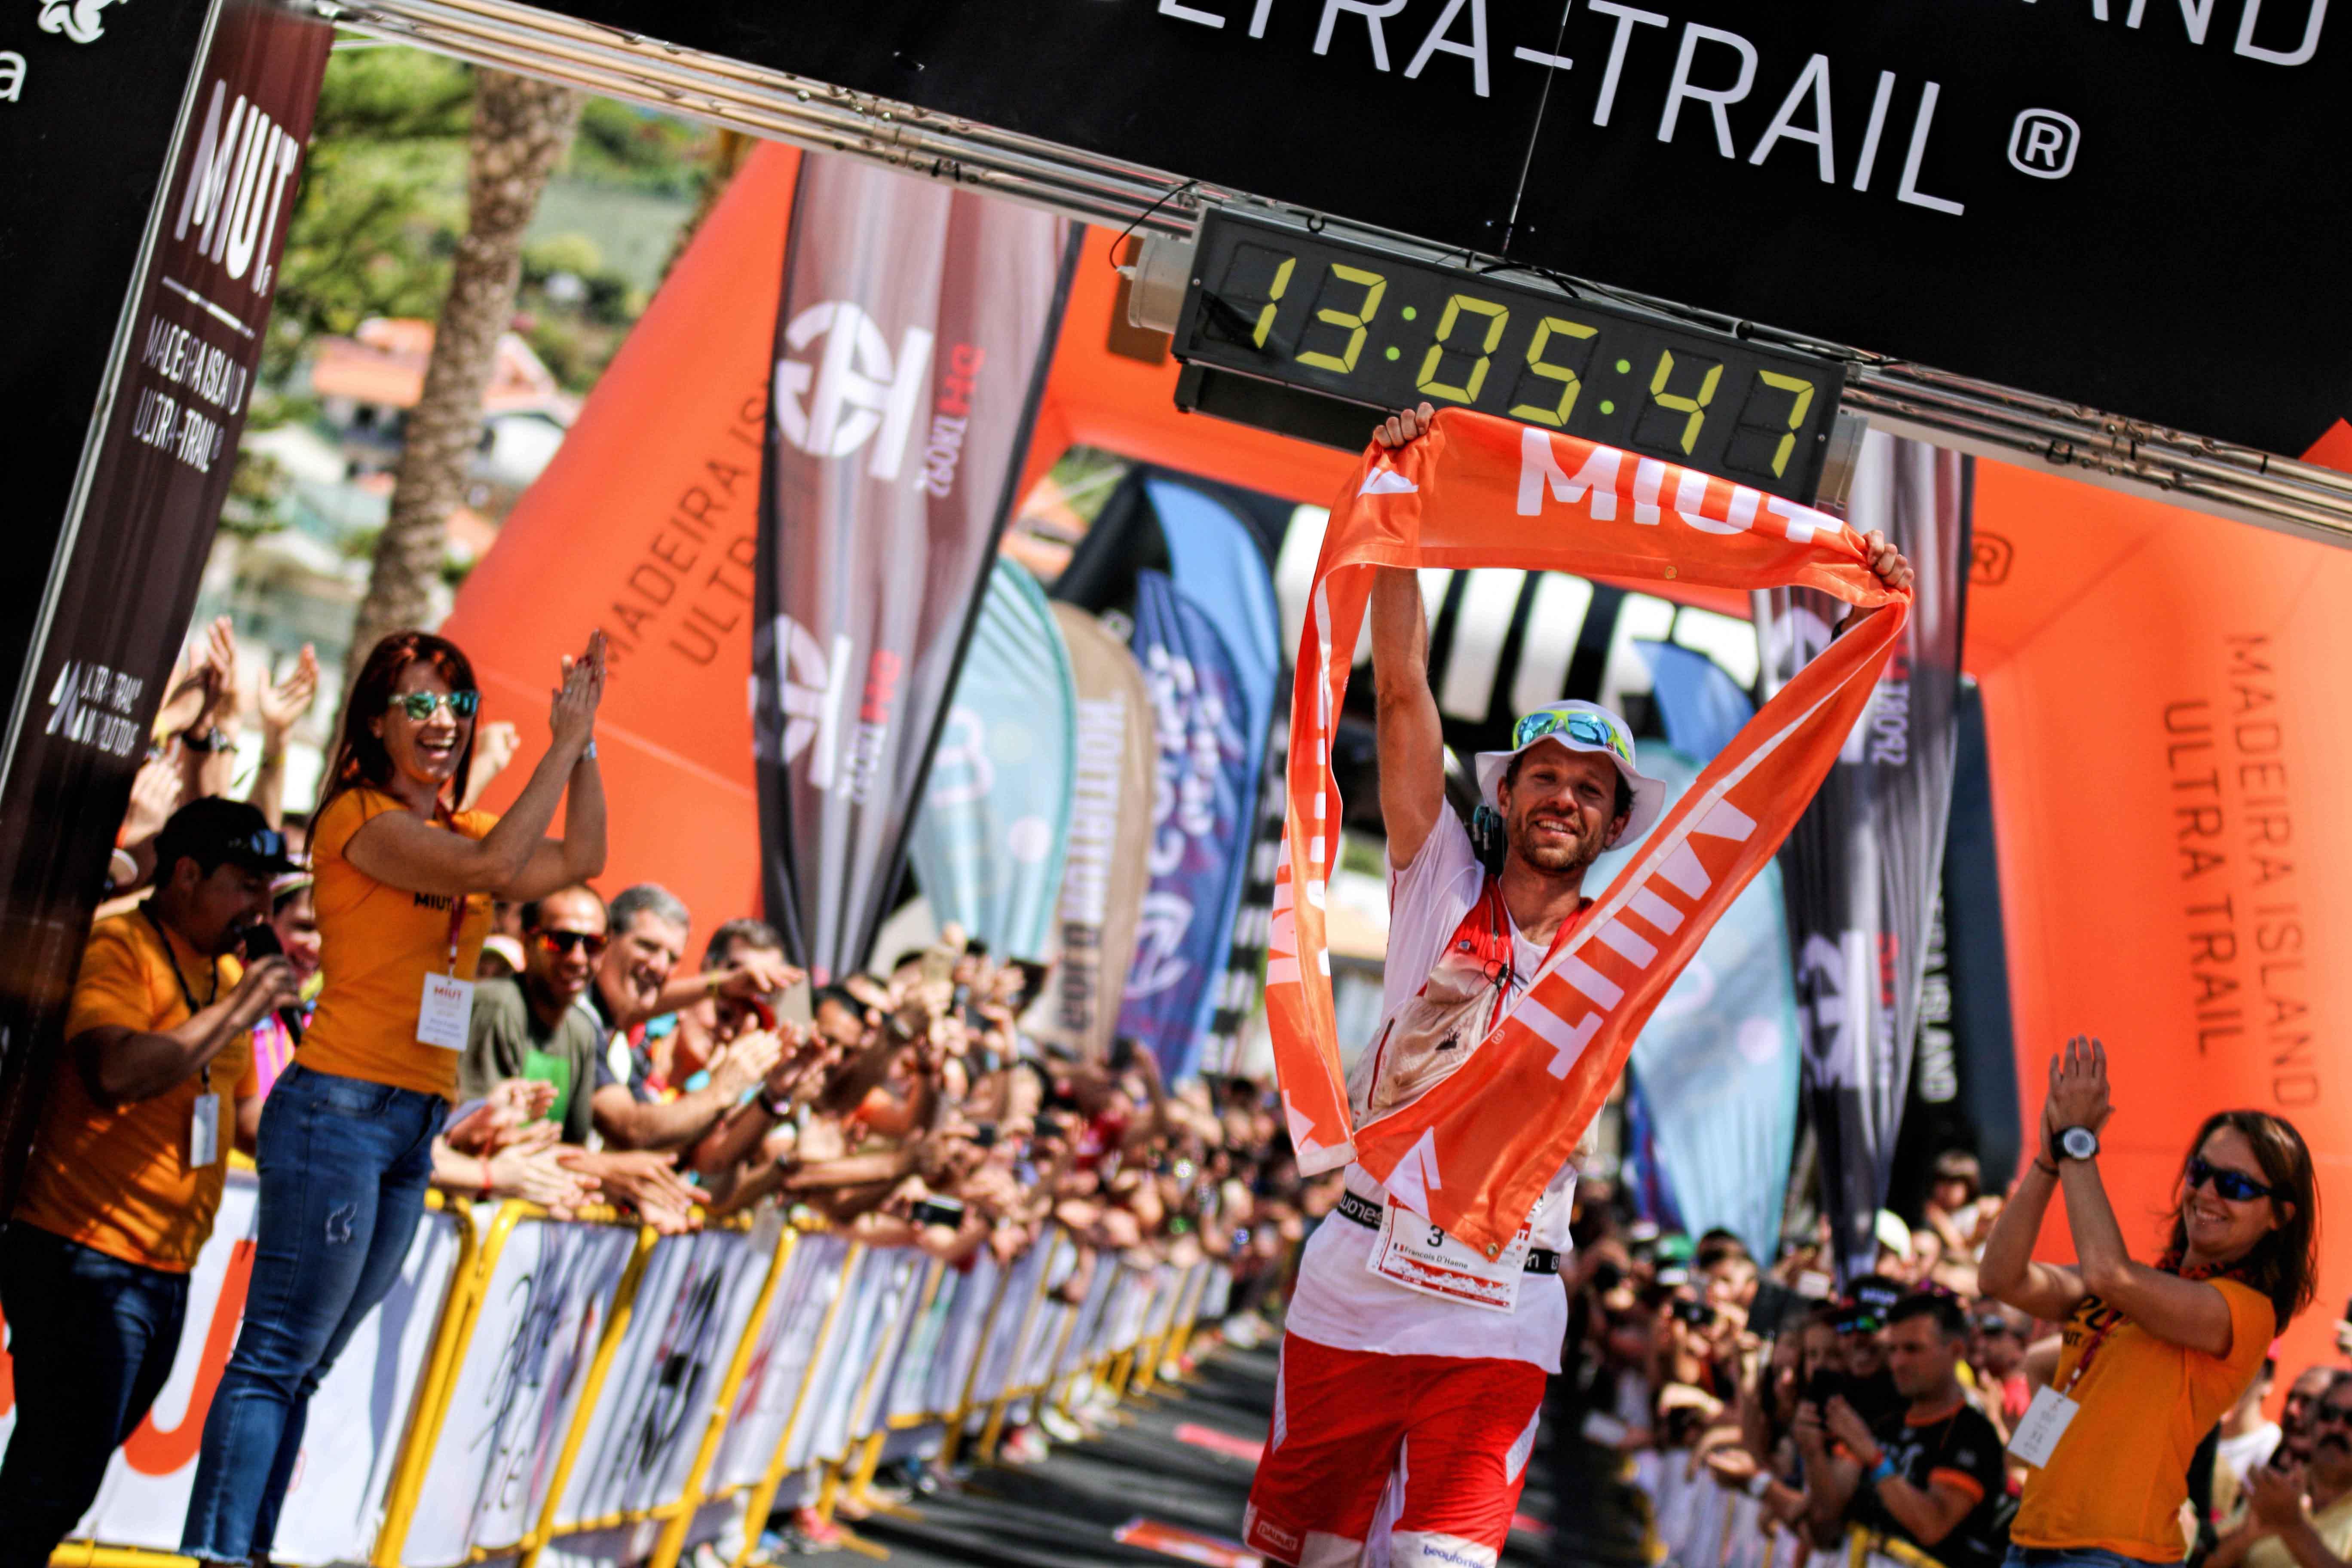 3 115 km Madeira Island Ultra trail François DHaene photo Philipp Reiter - RENTRÉE VICTORIEUSE POUR FRANCOIS D'HAENE ET MICHEL LANNE (article de Robert Goin)